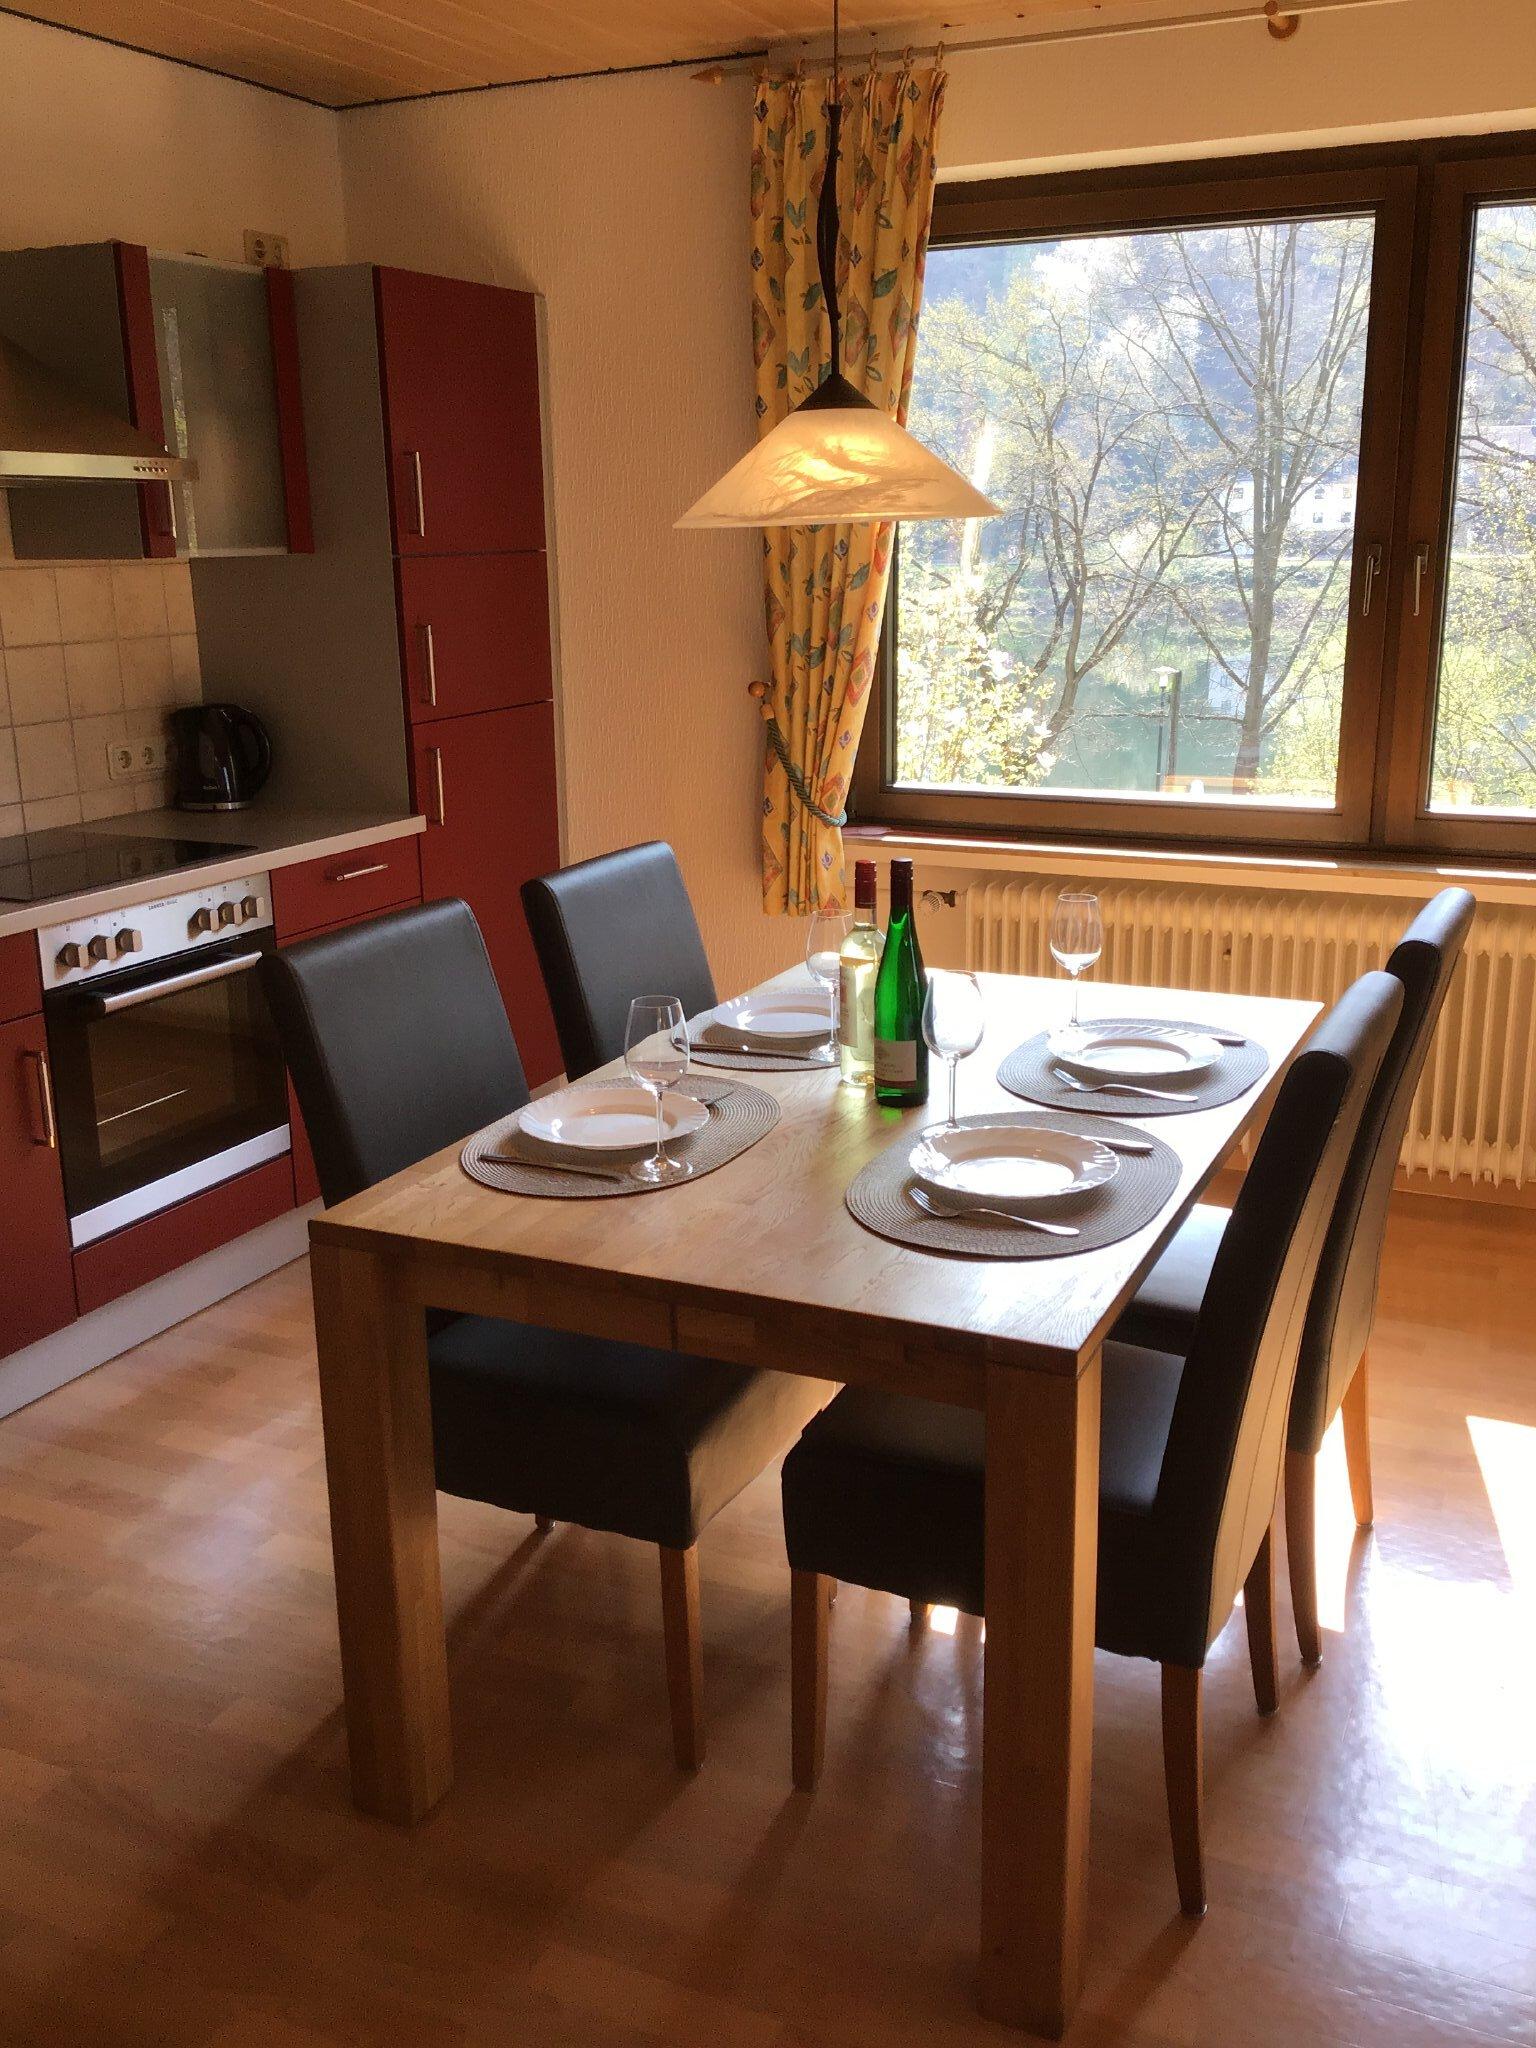 Zusatzbild Nr. 01 von Ferienwohnungen Moselblick - Wohnung Schlossberg